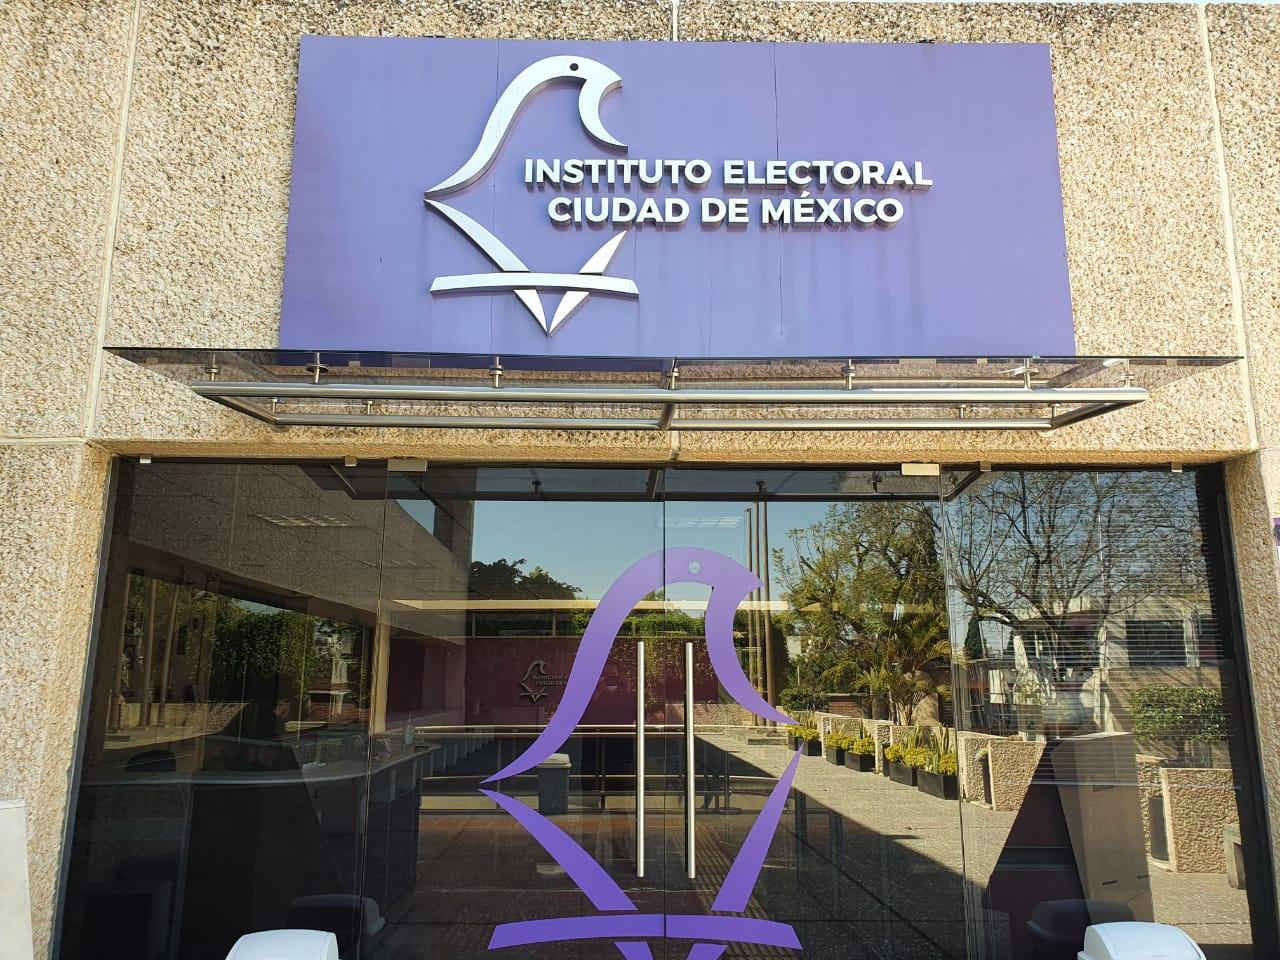 Reitera IECM compromiso con orden constitucional federal y local